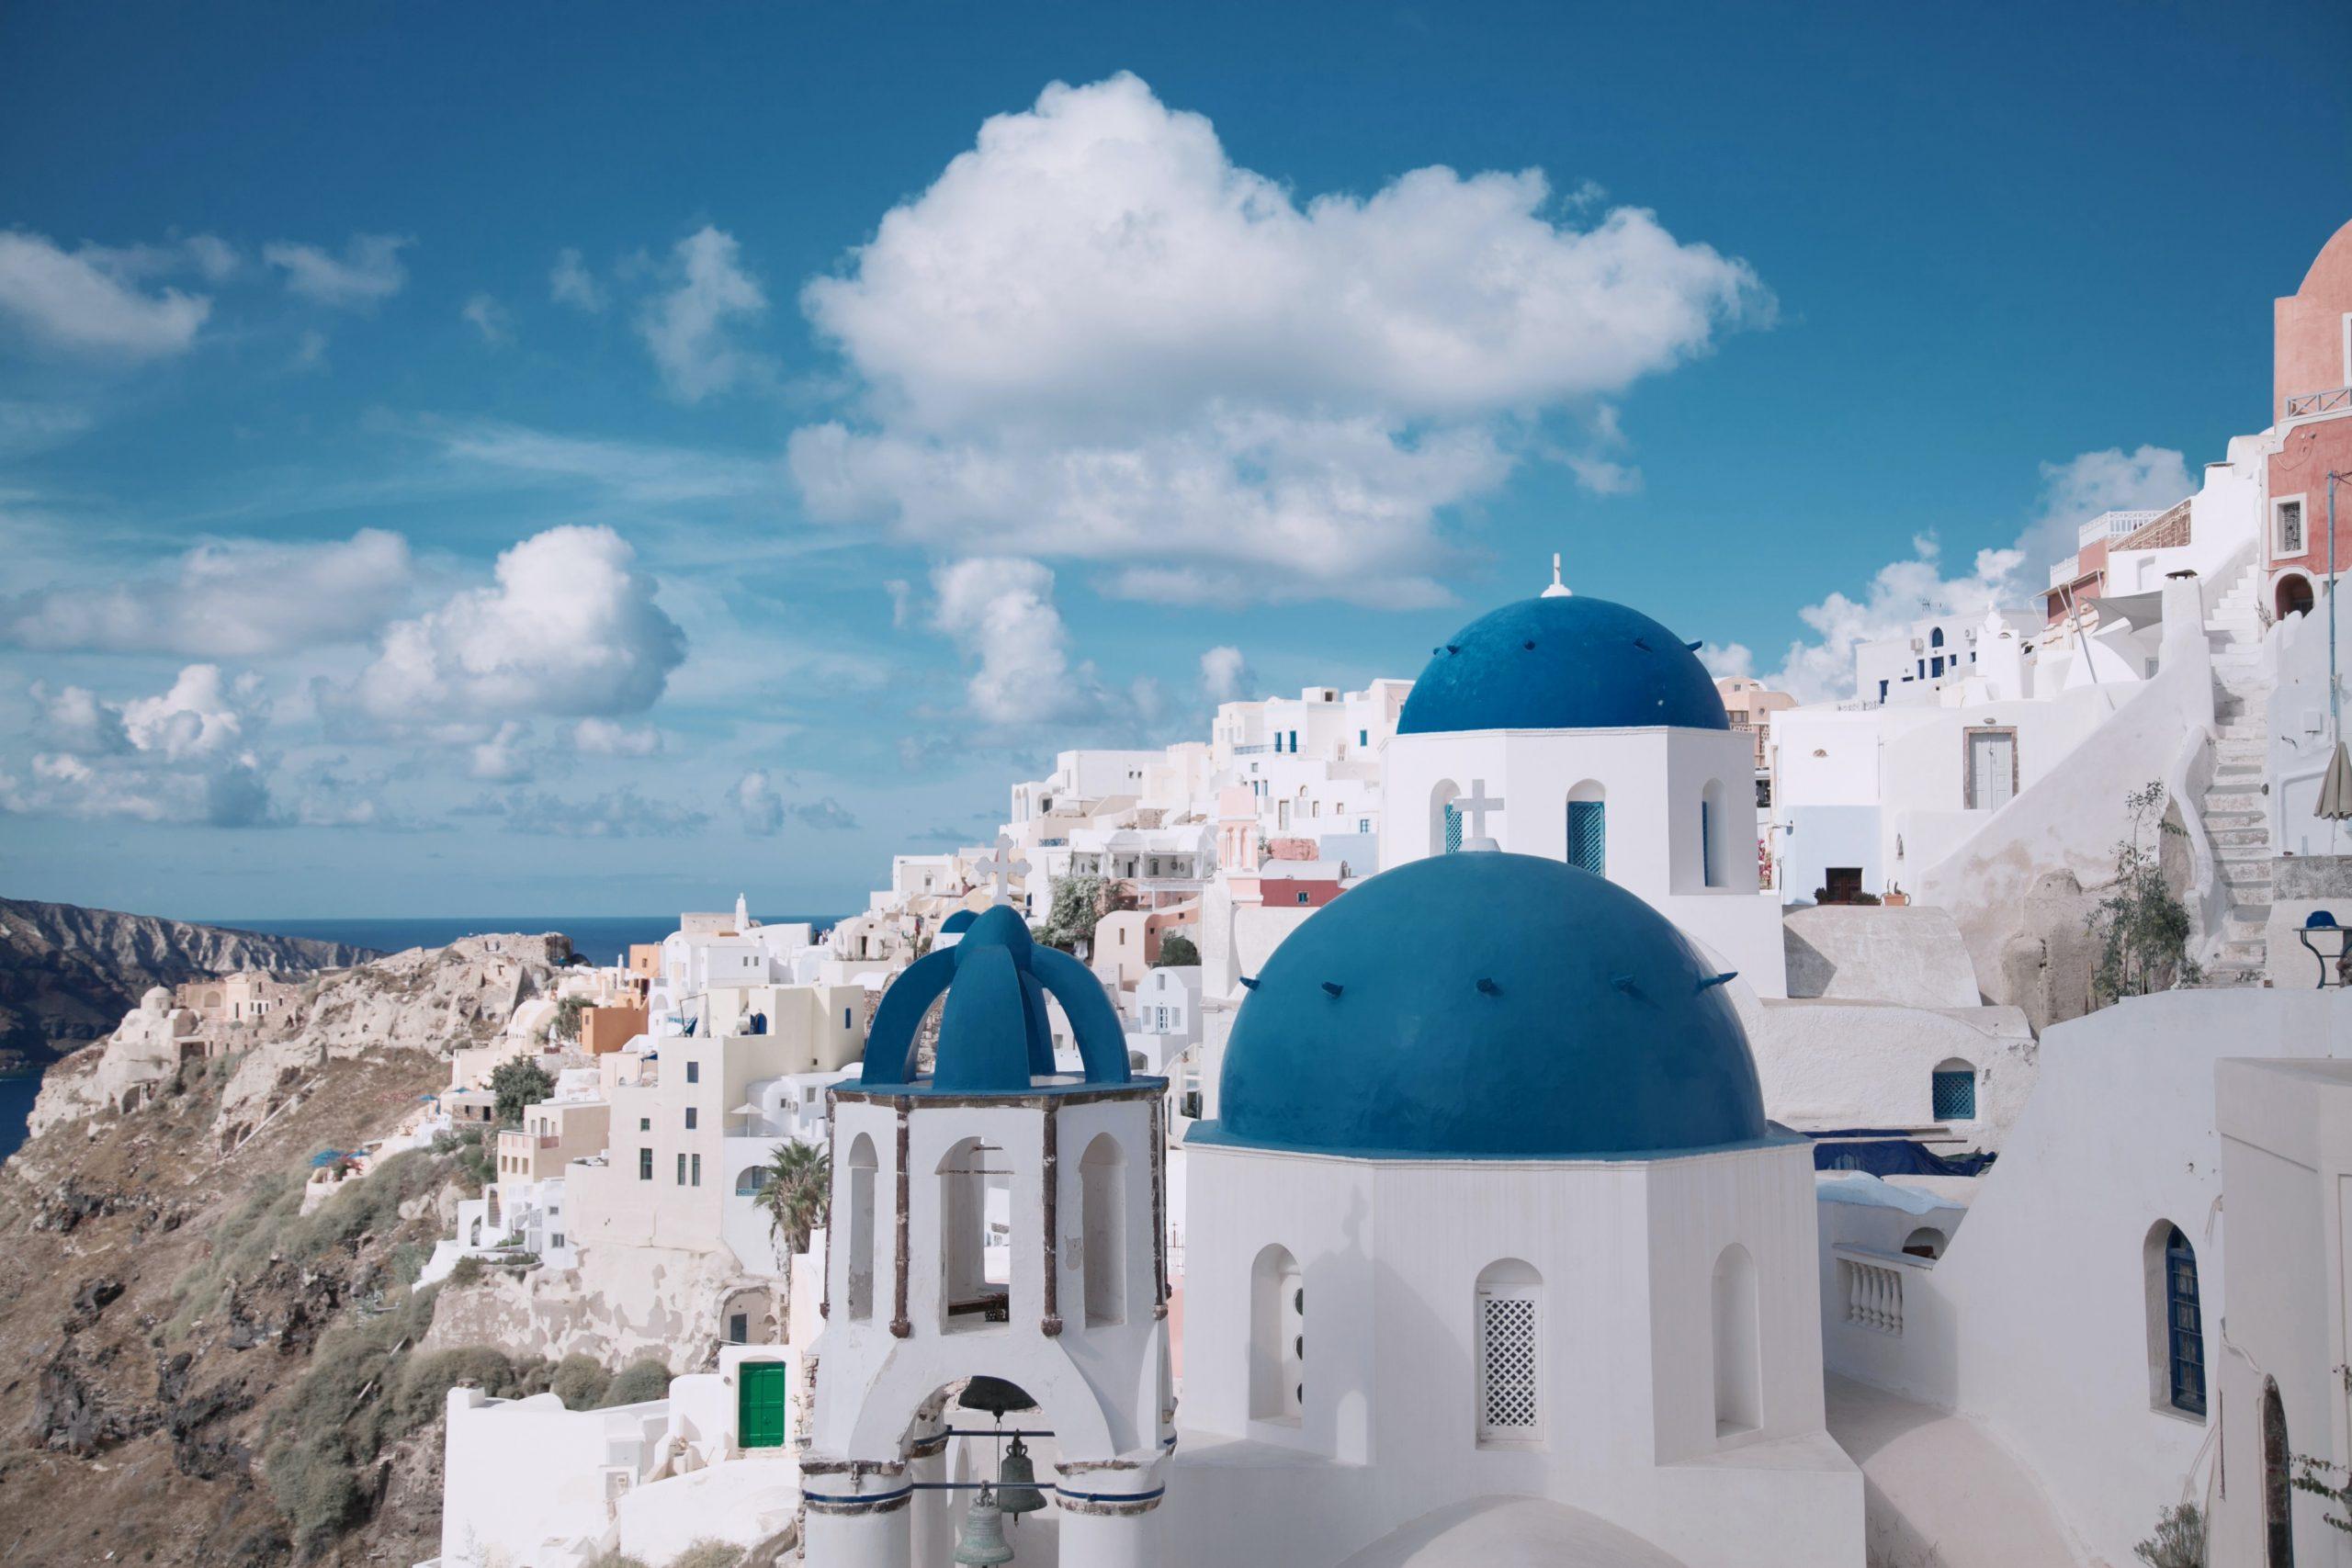 De beste zomerbestemmingen in Europa die je dit jaar moet bezoeken